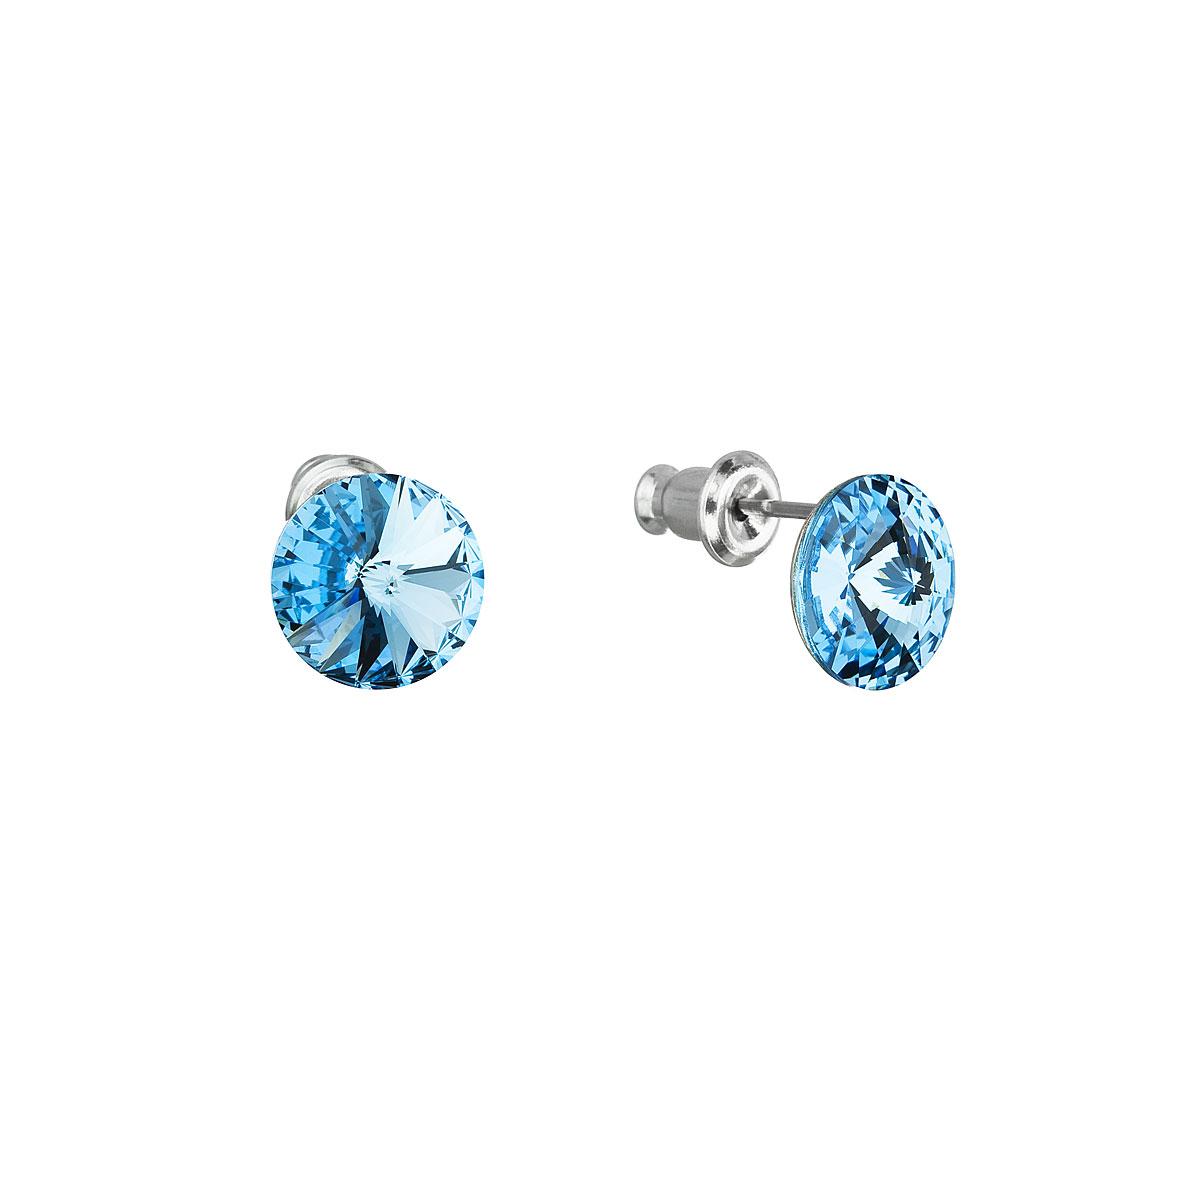 Evolution Group Náušnice se Swarovski krystaly modré kulaté 51037.3 aqua